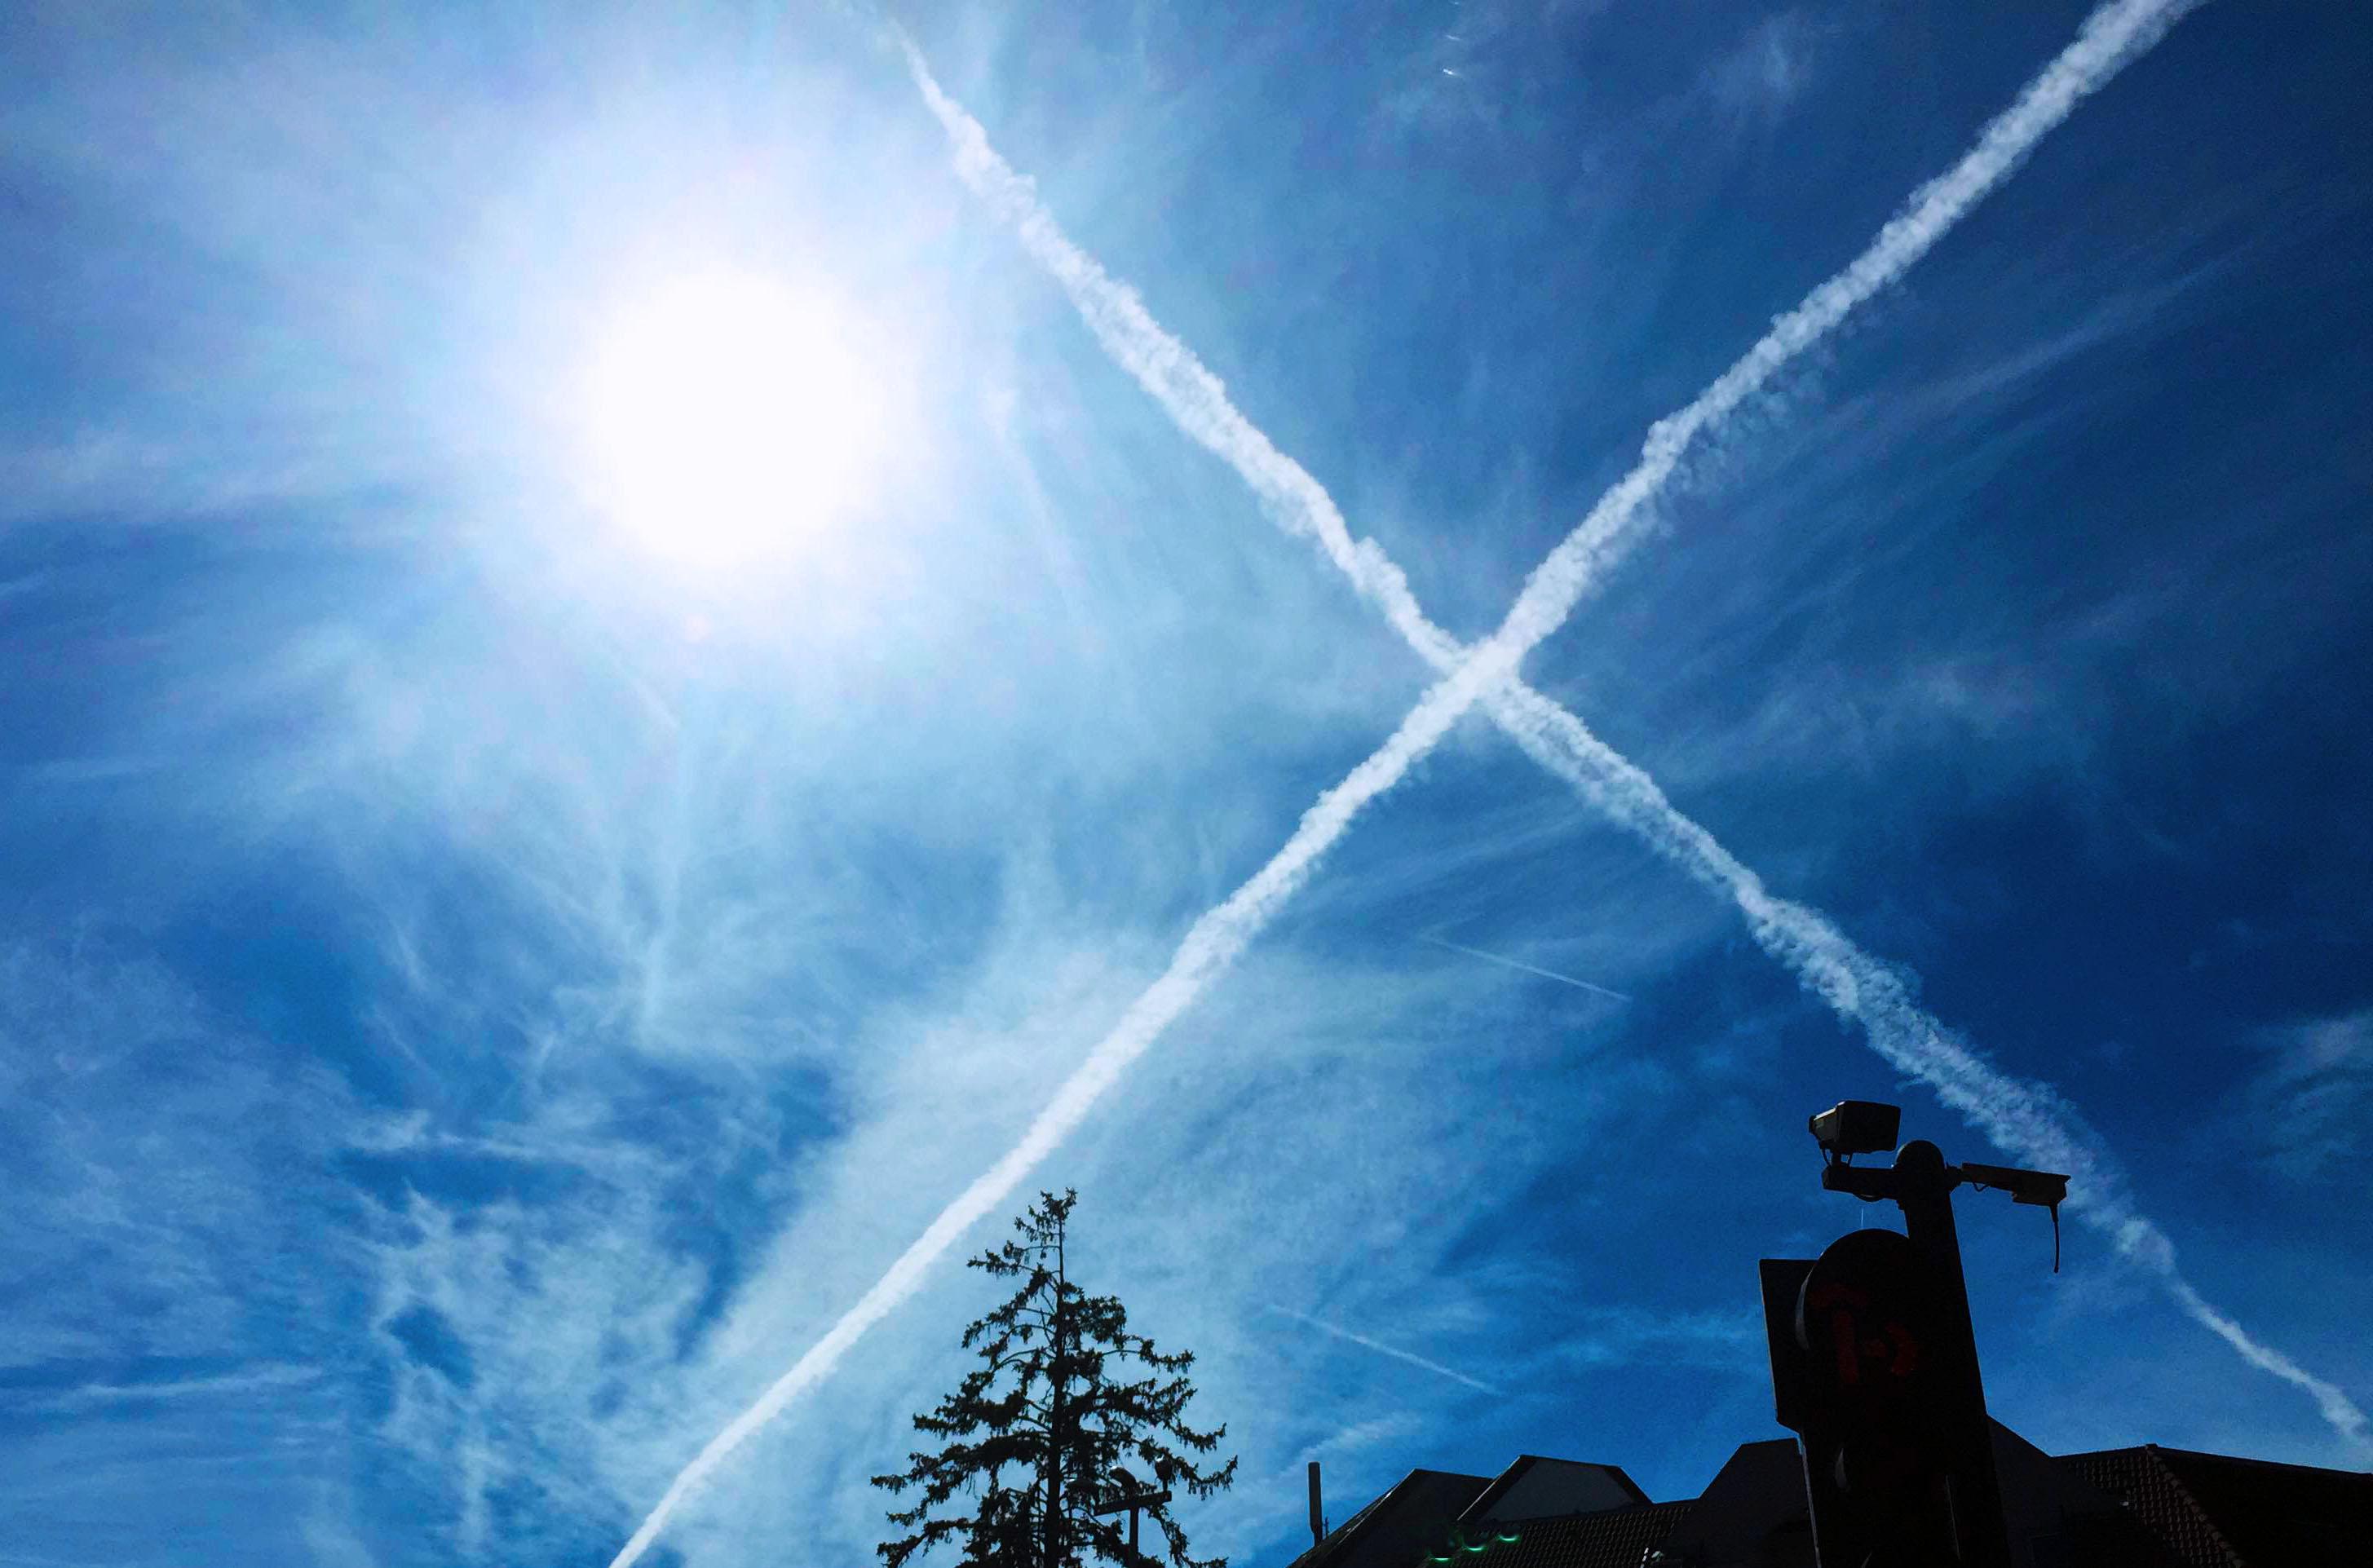 7月28日,在瑞士日内瓦国际机场附近,两架飞机飞过天空后的拉烟形成